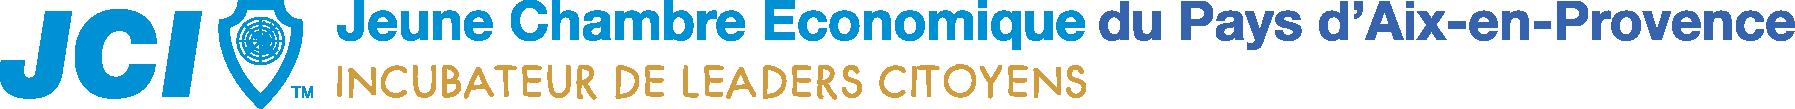 jeune chambre économique du Pays d'Aix